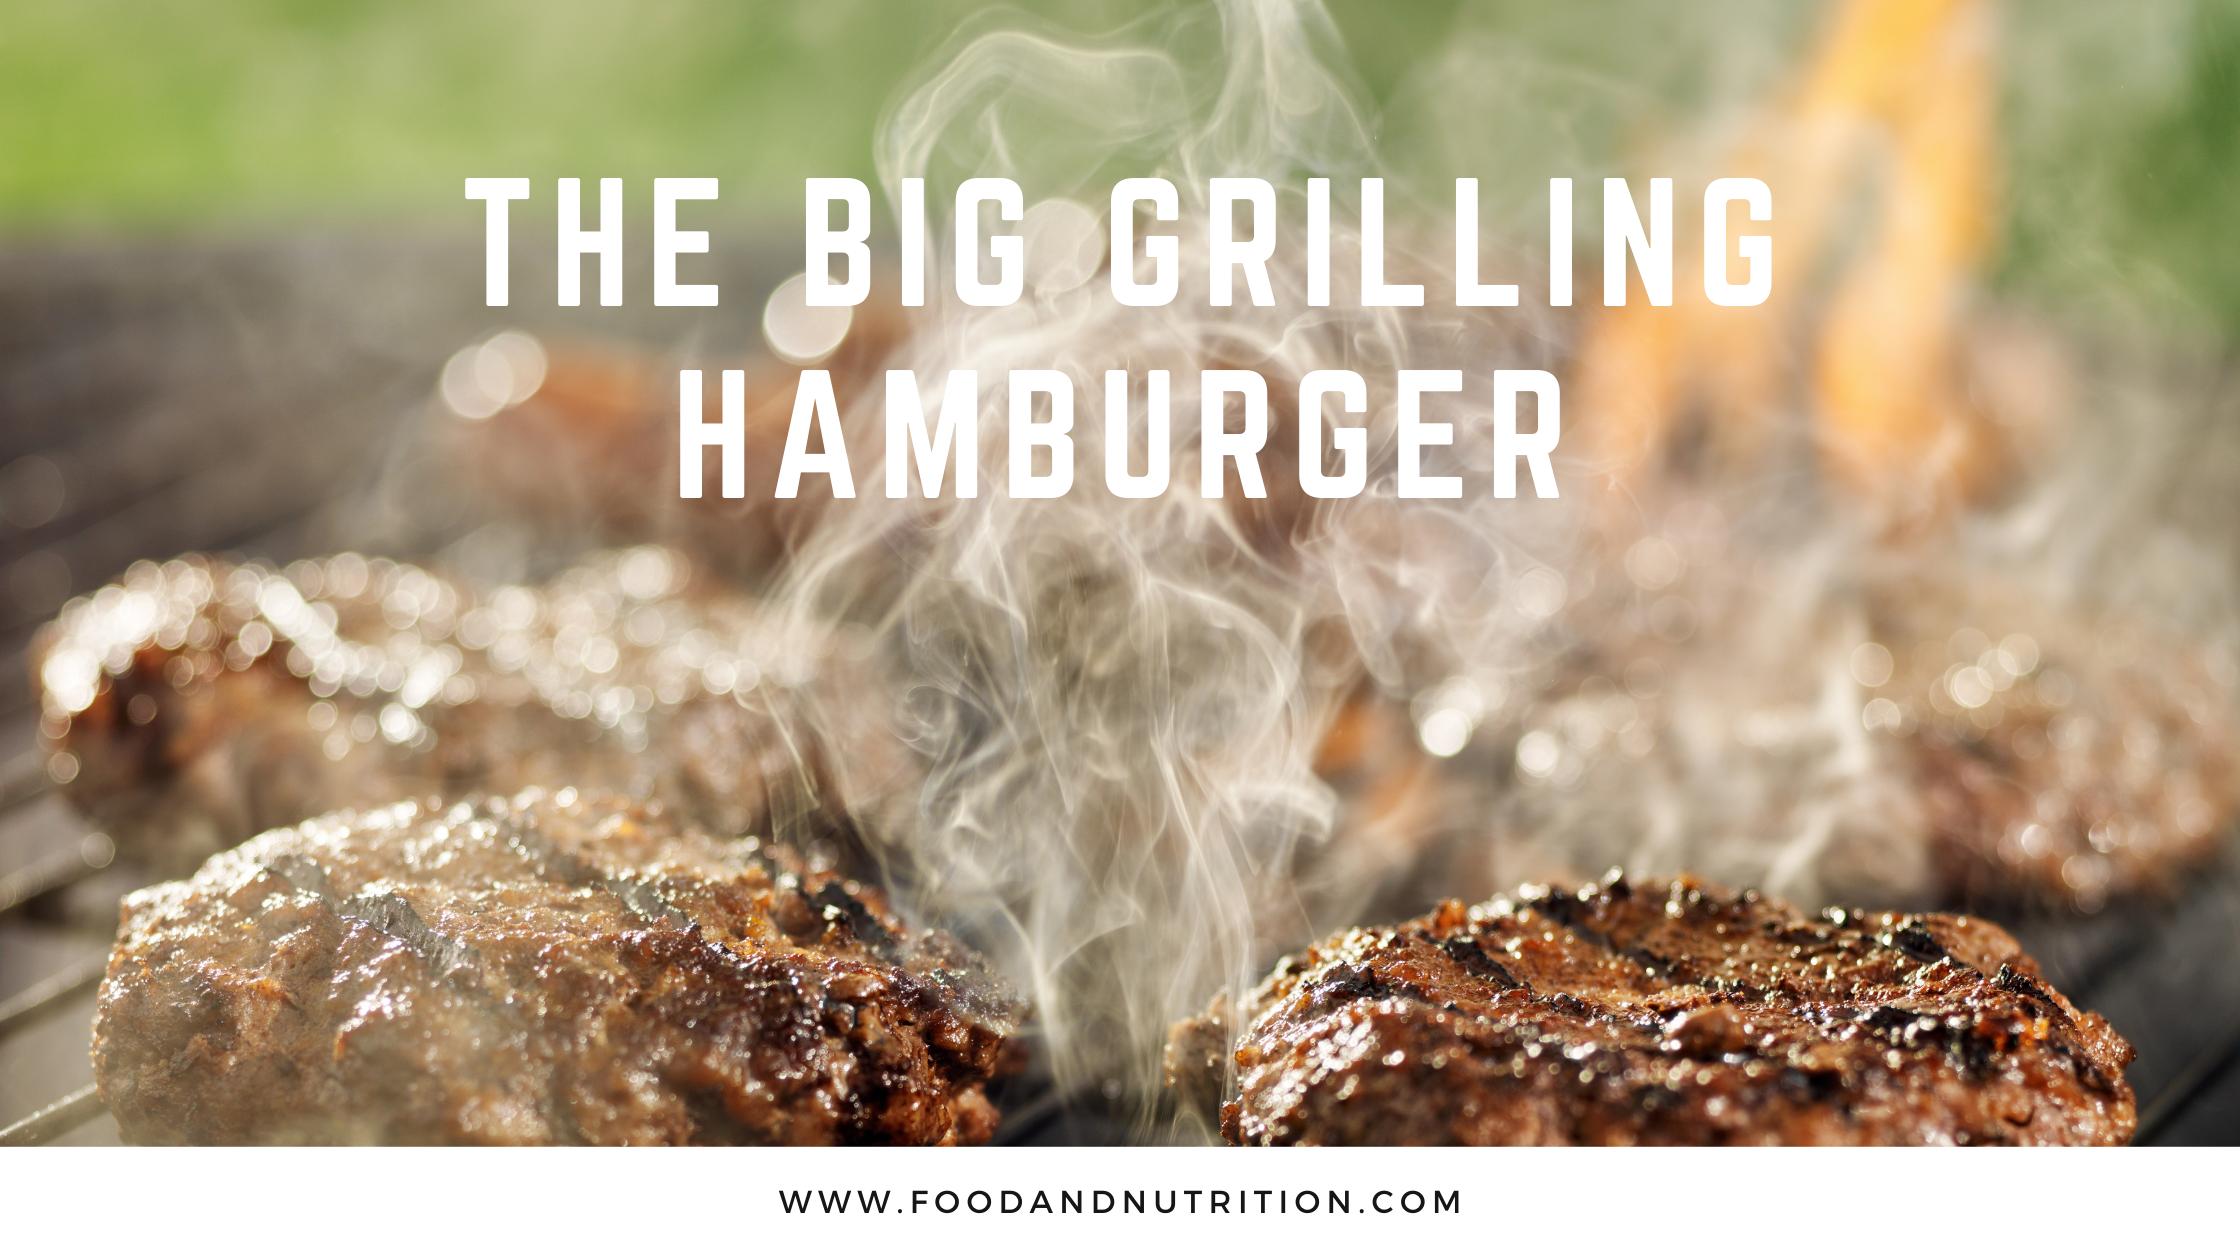 The Big Grilling Hamburger